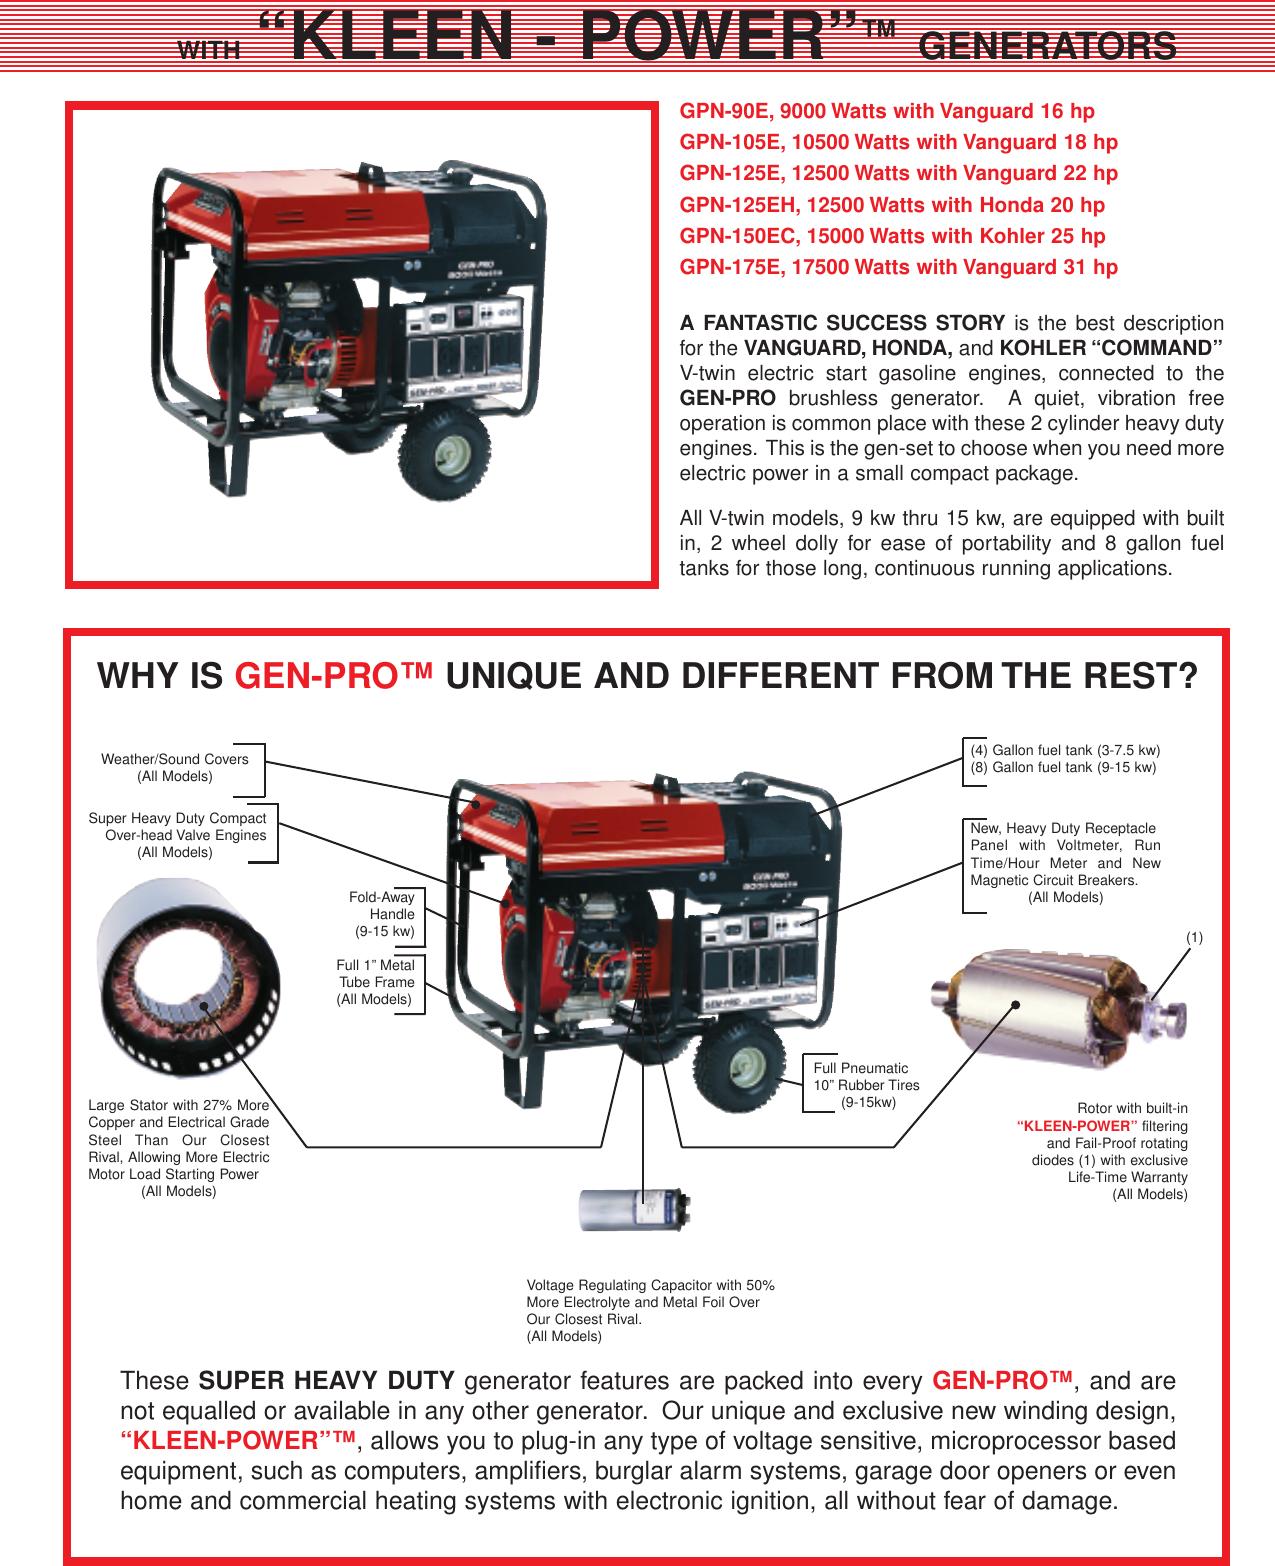 Gillette Portable Generators Users Manual Gen Pro 2UserManual.wiki